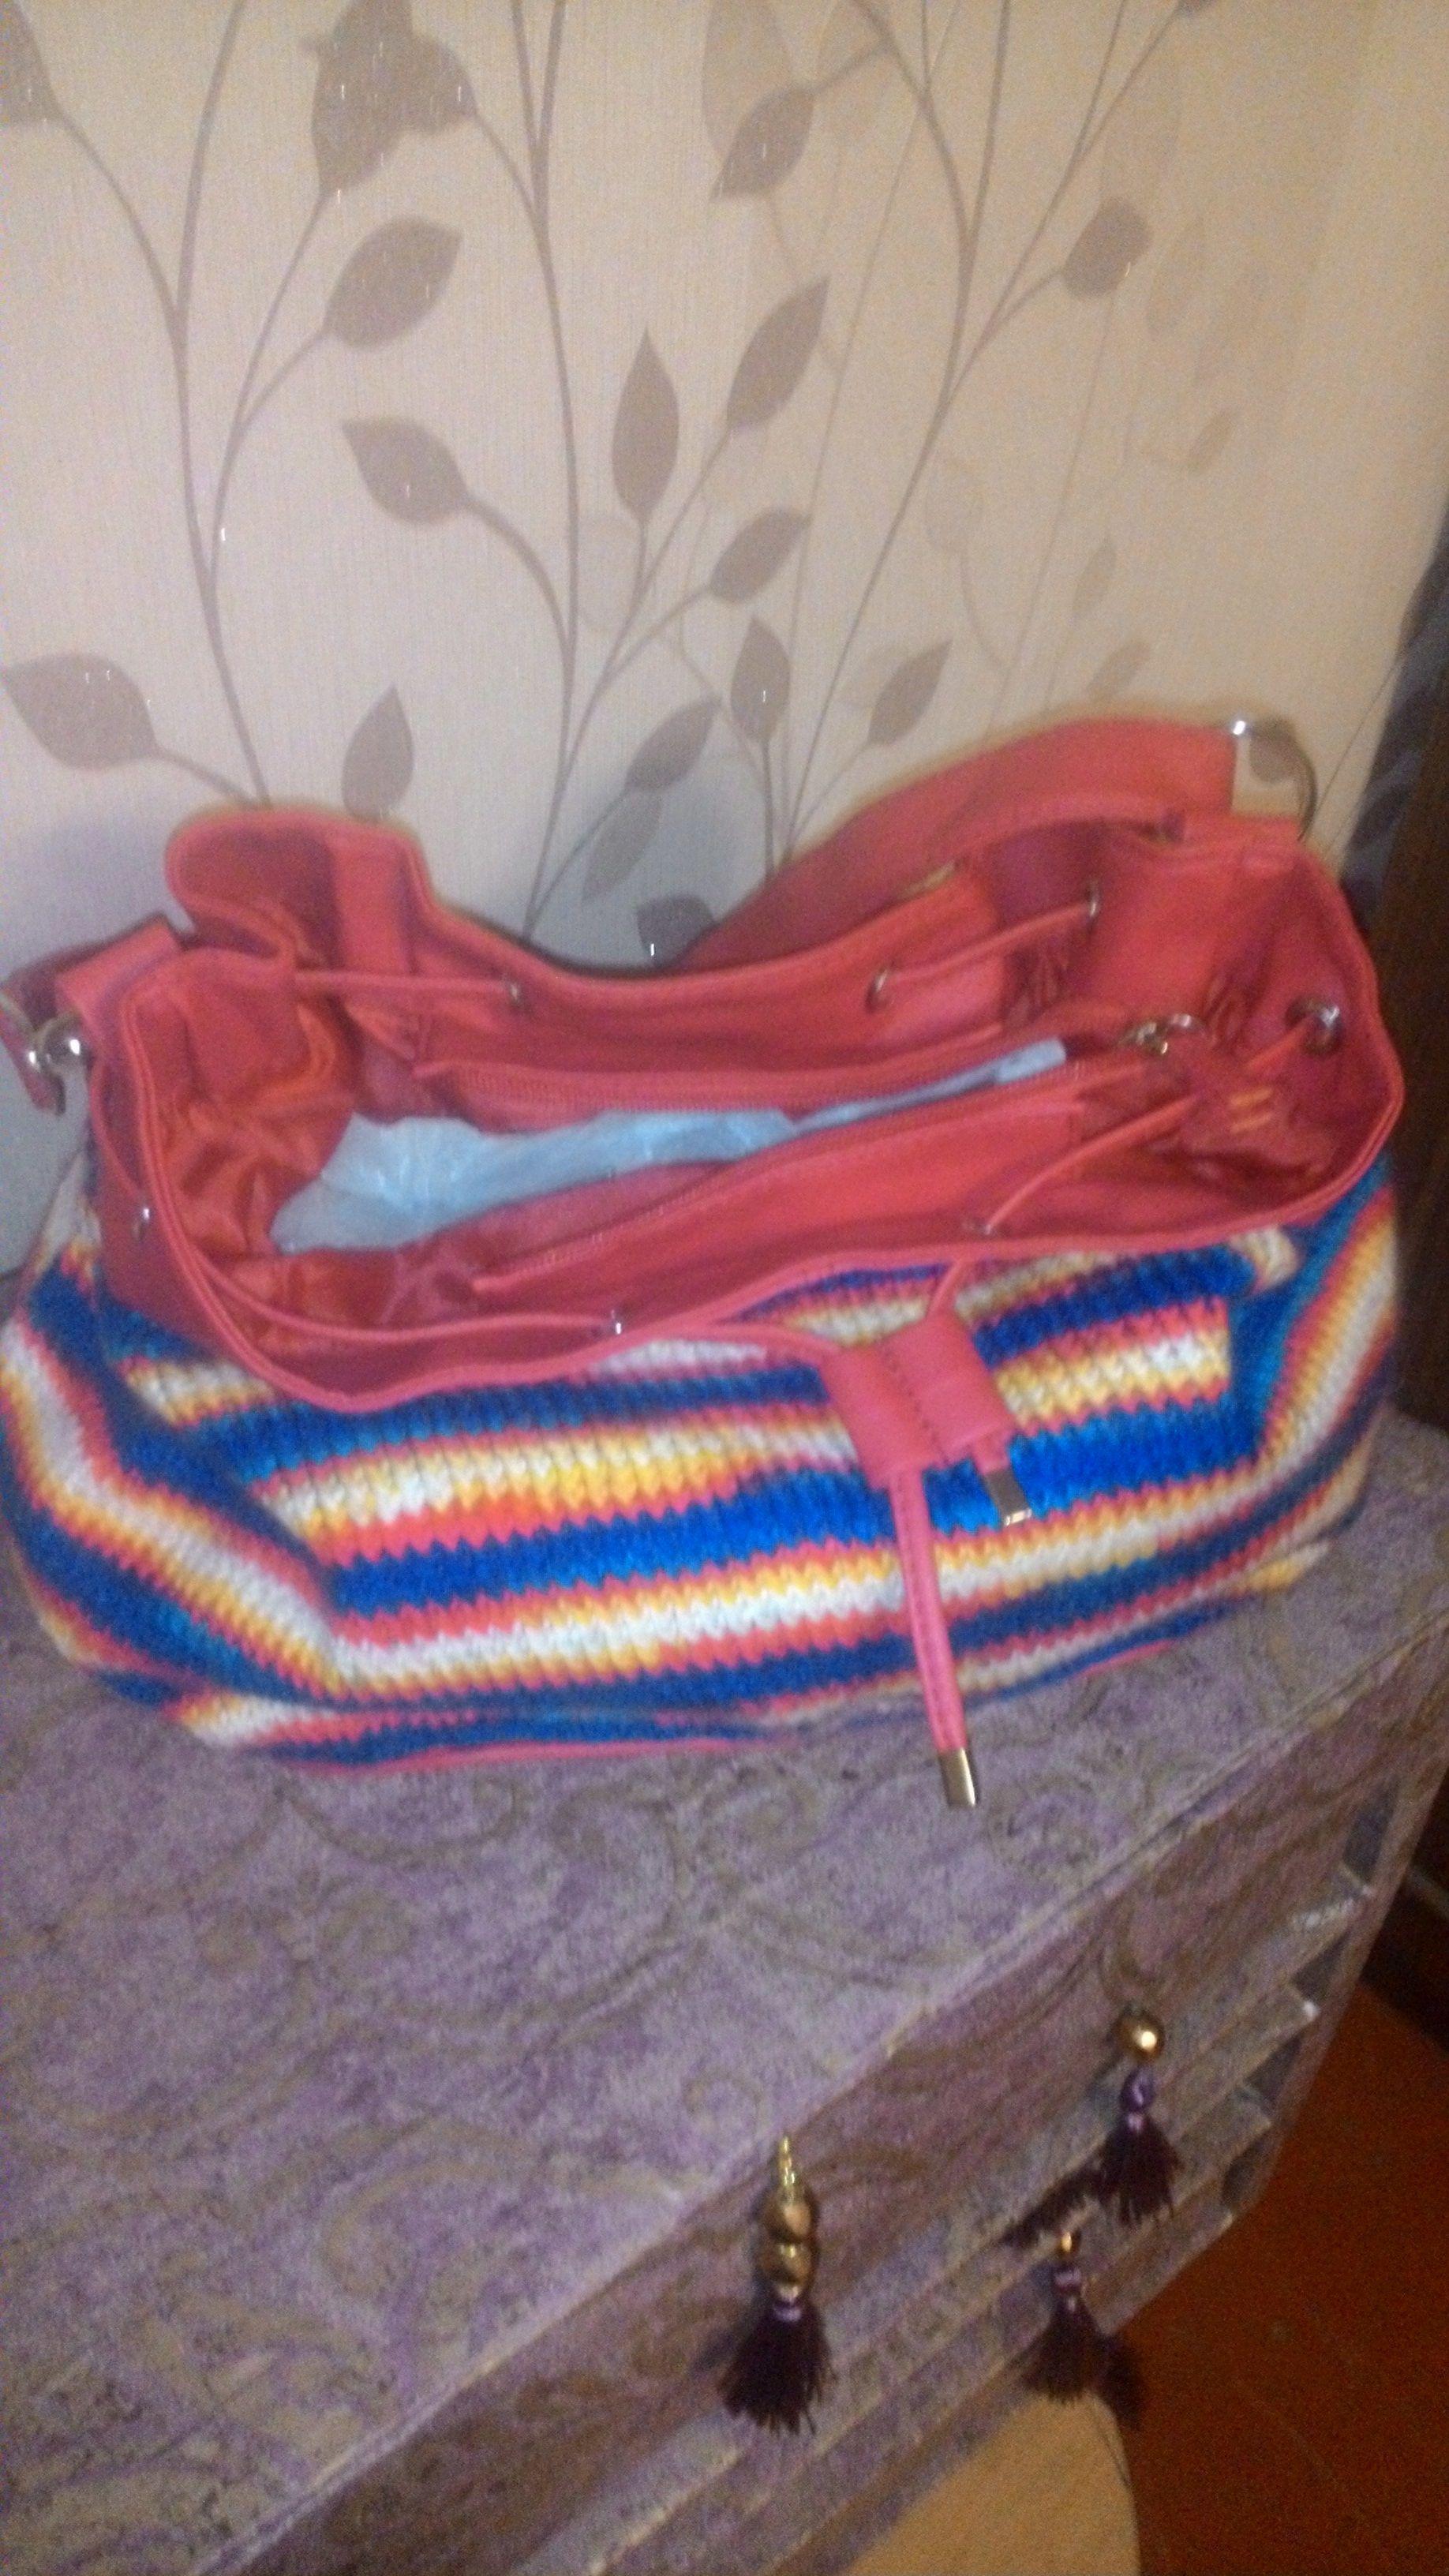 вязание модно сумка необычно спицы уютно тепло